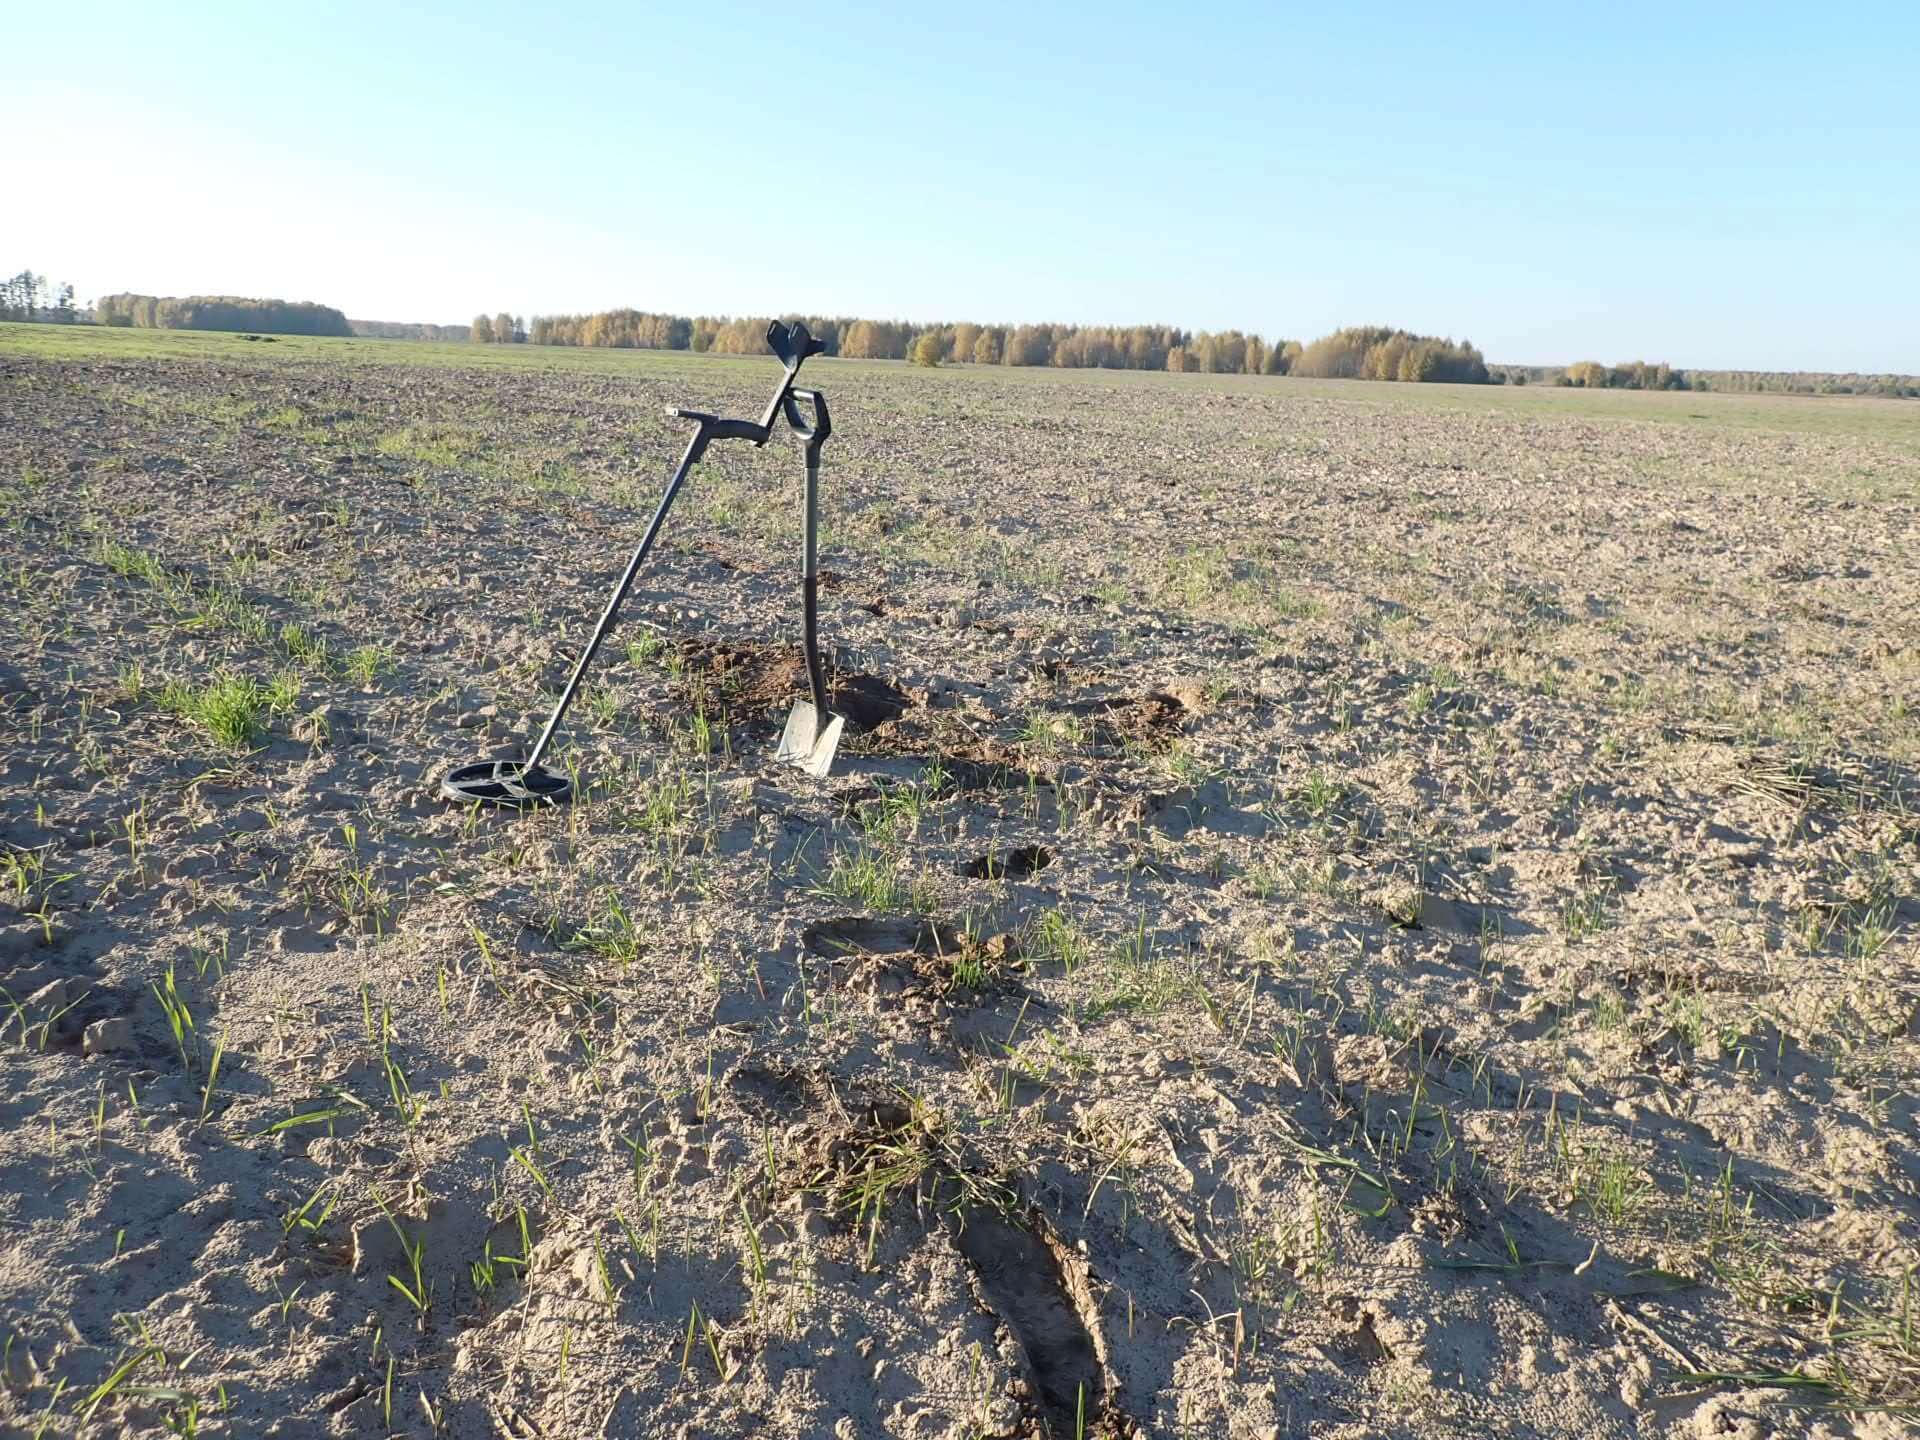 Идеальное поле для копа. Как оно выглядит и что тут можно найти?